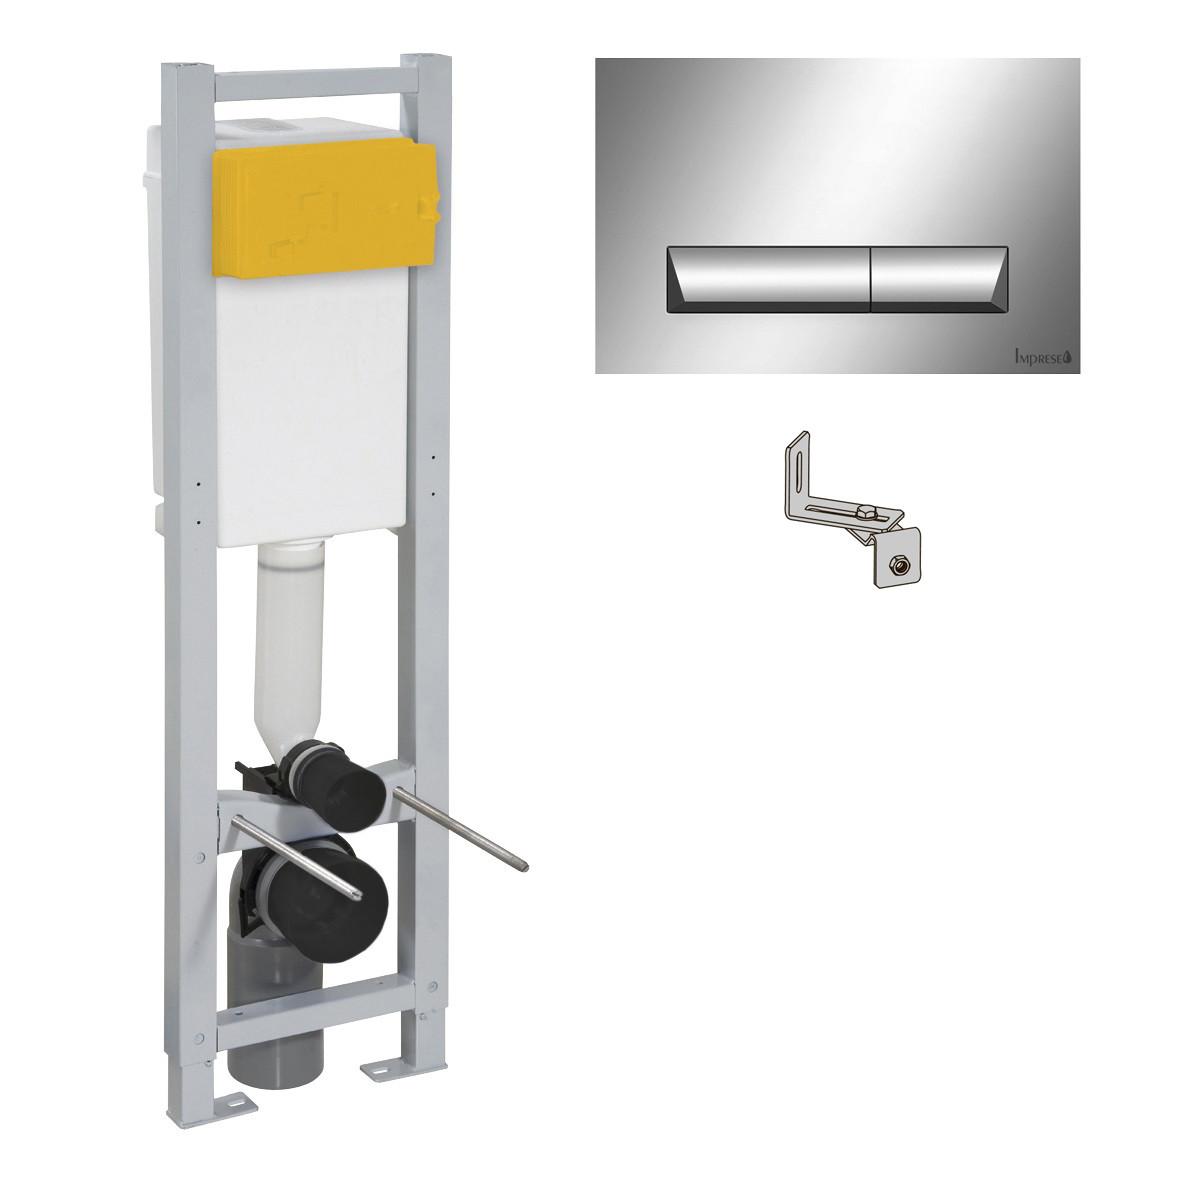 IMPRESE комплект инсталляции 3в1(узкая)